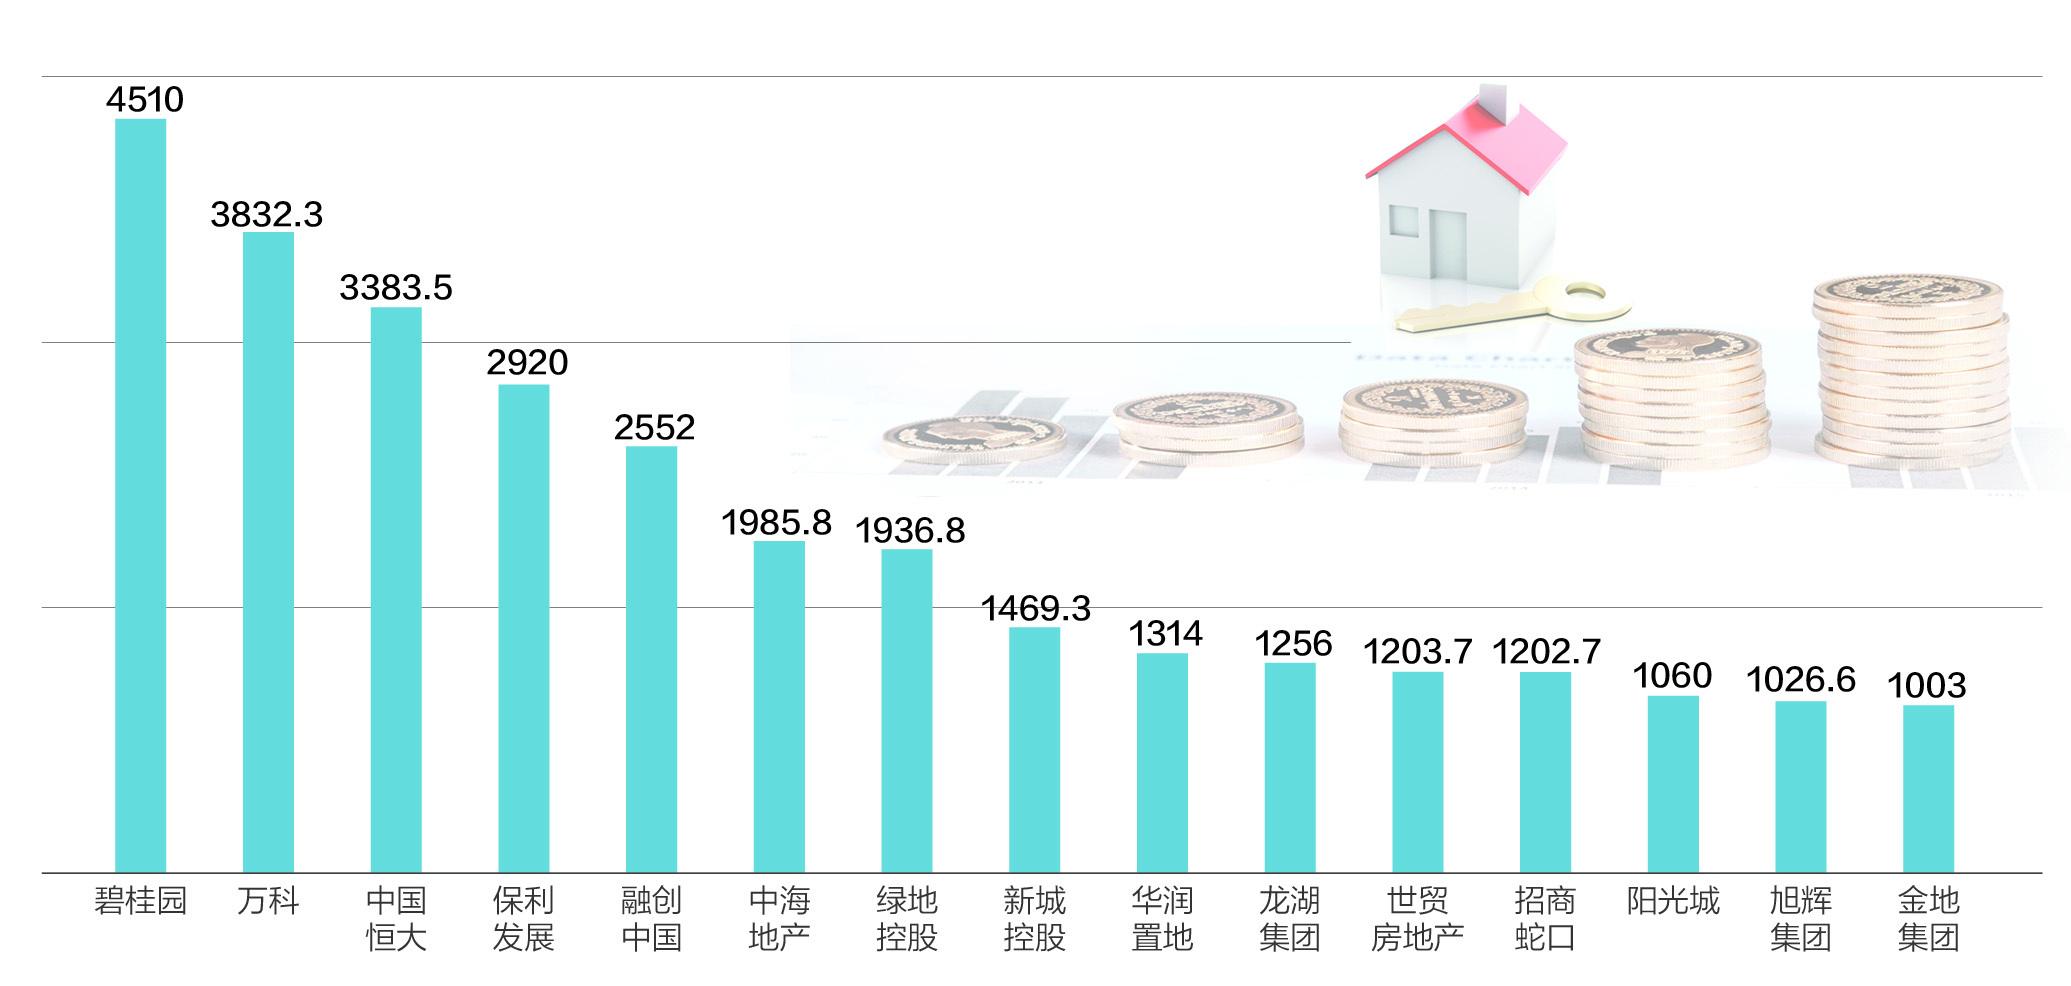 前7月15家房企销售额超千亿元 整体业绩增速显著放缓